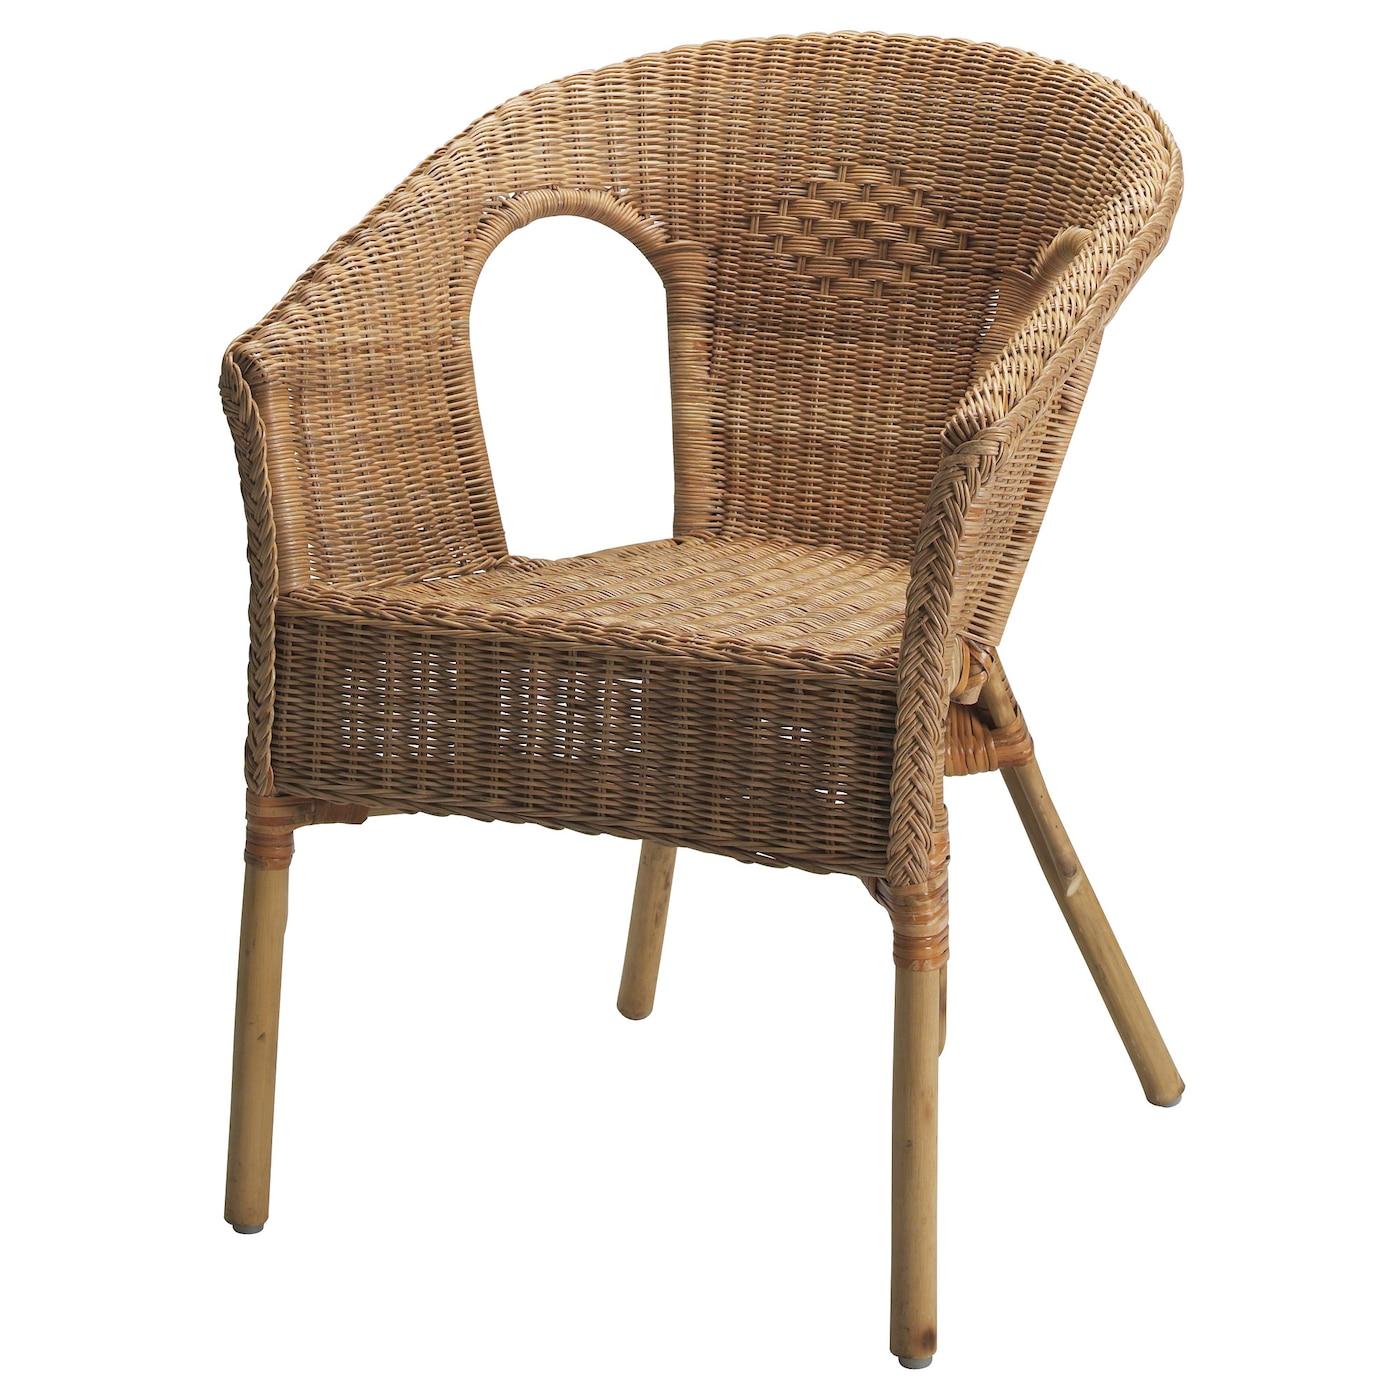 AGEN Chair - rattan/bamboo